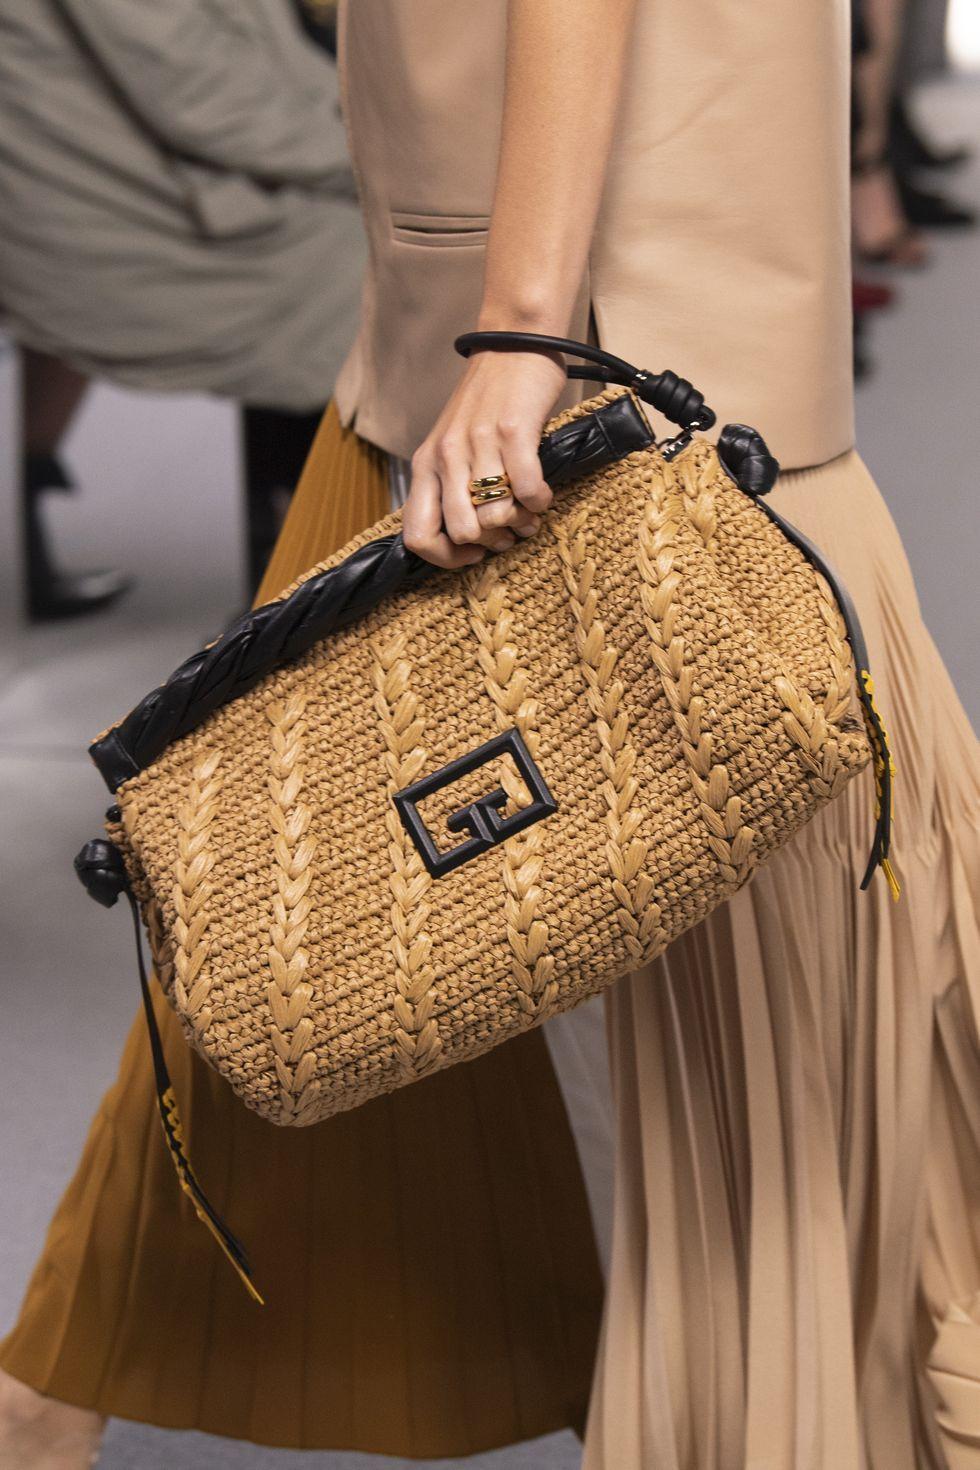 Las tendencias de la moda de los bolsos 2020 se han revelado, ahora solo tenemos que elegir